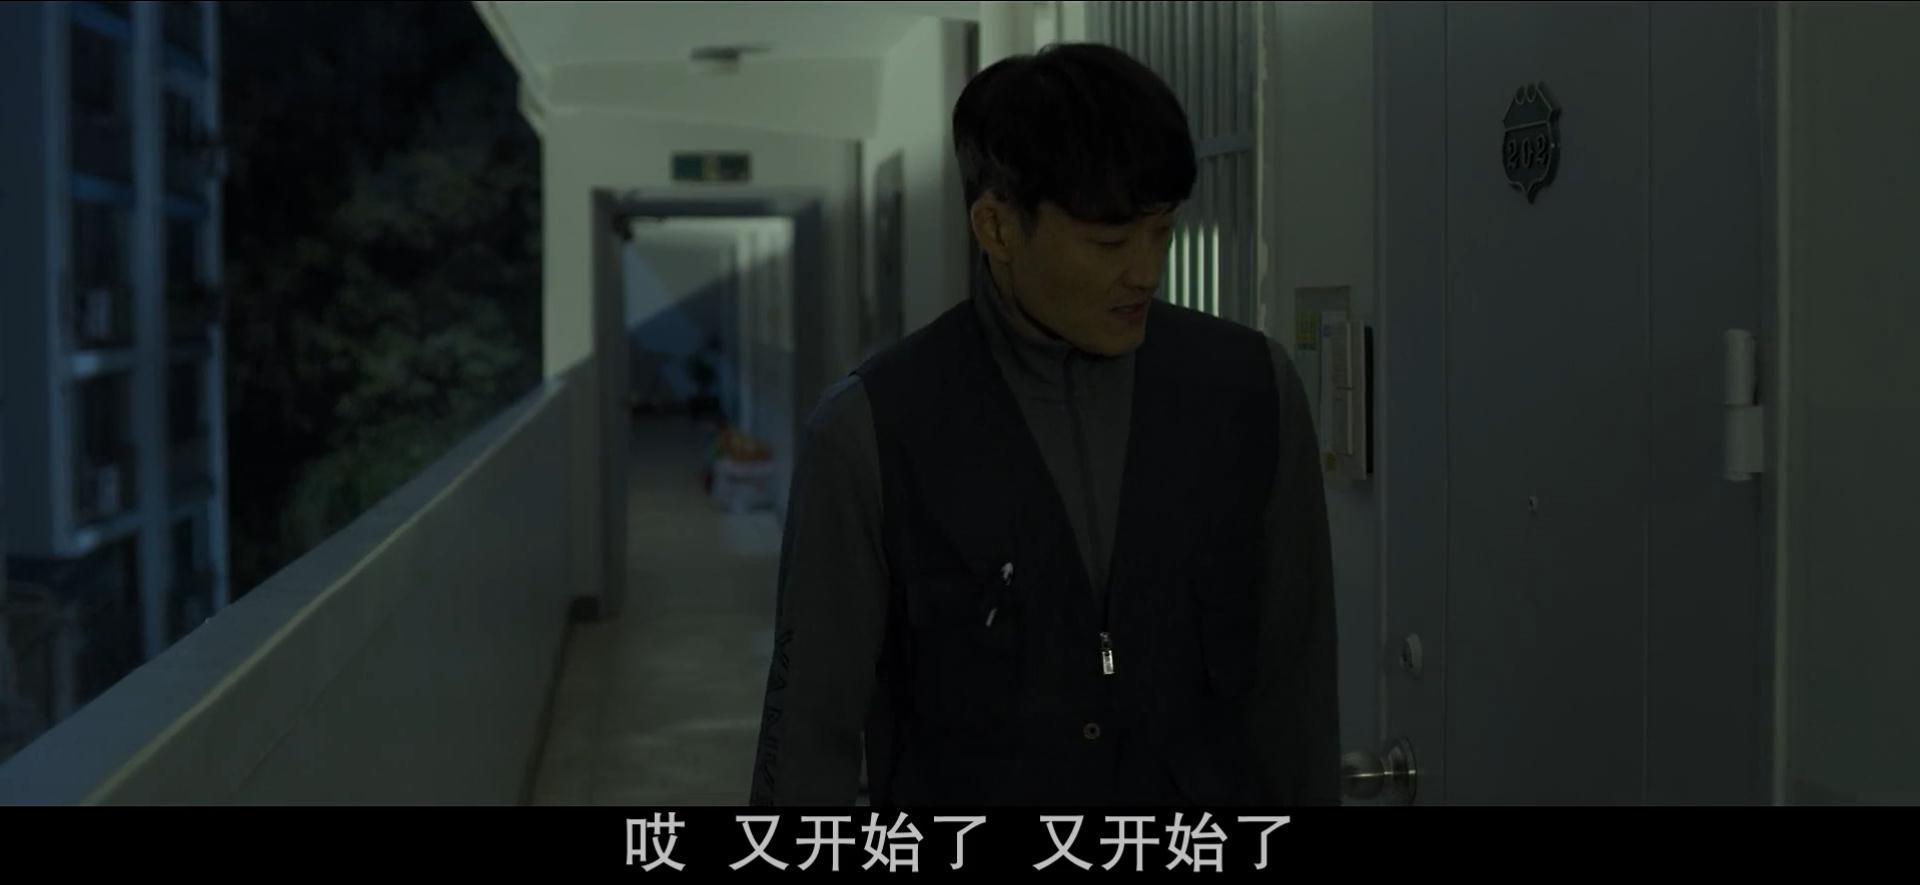 韩国电影《小委托人》不幸的人,一生都在治愈童年 (2)